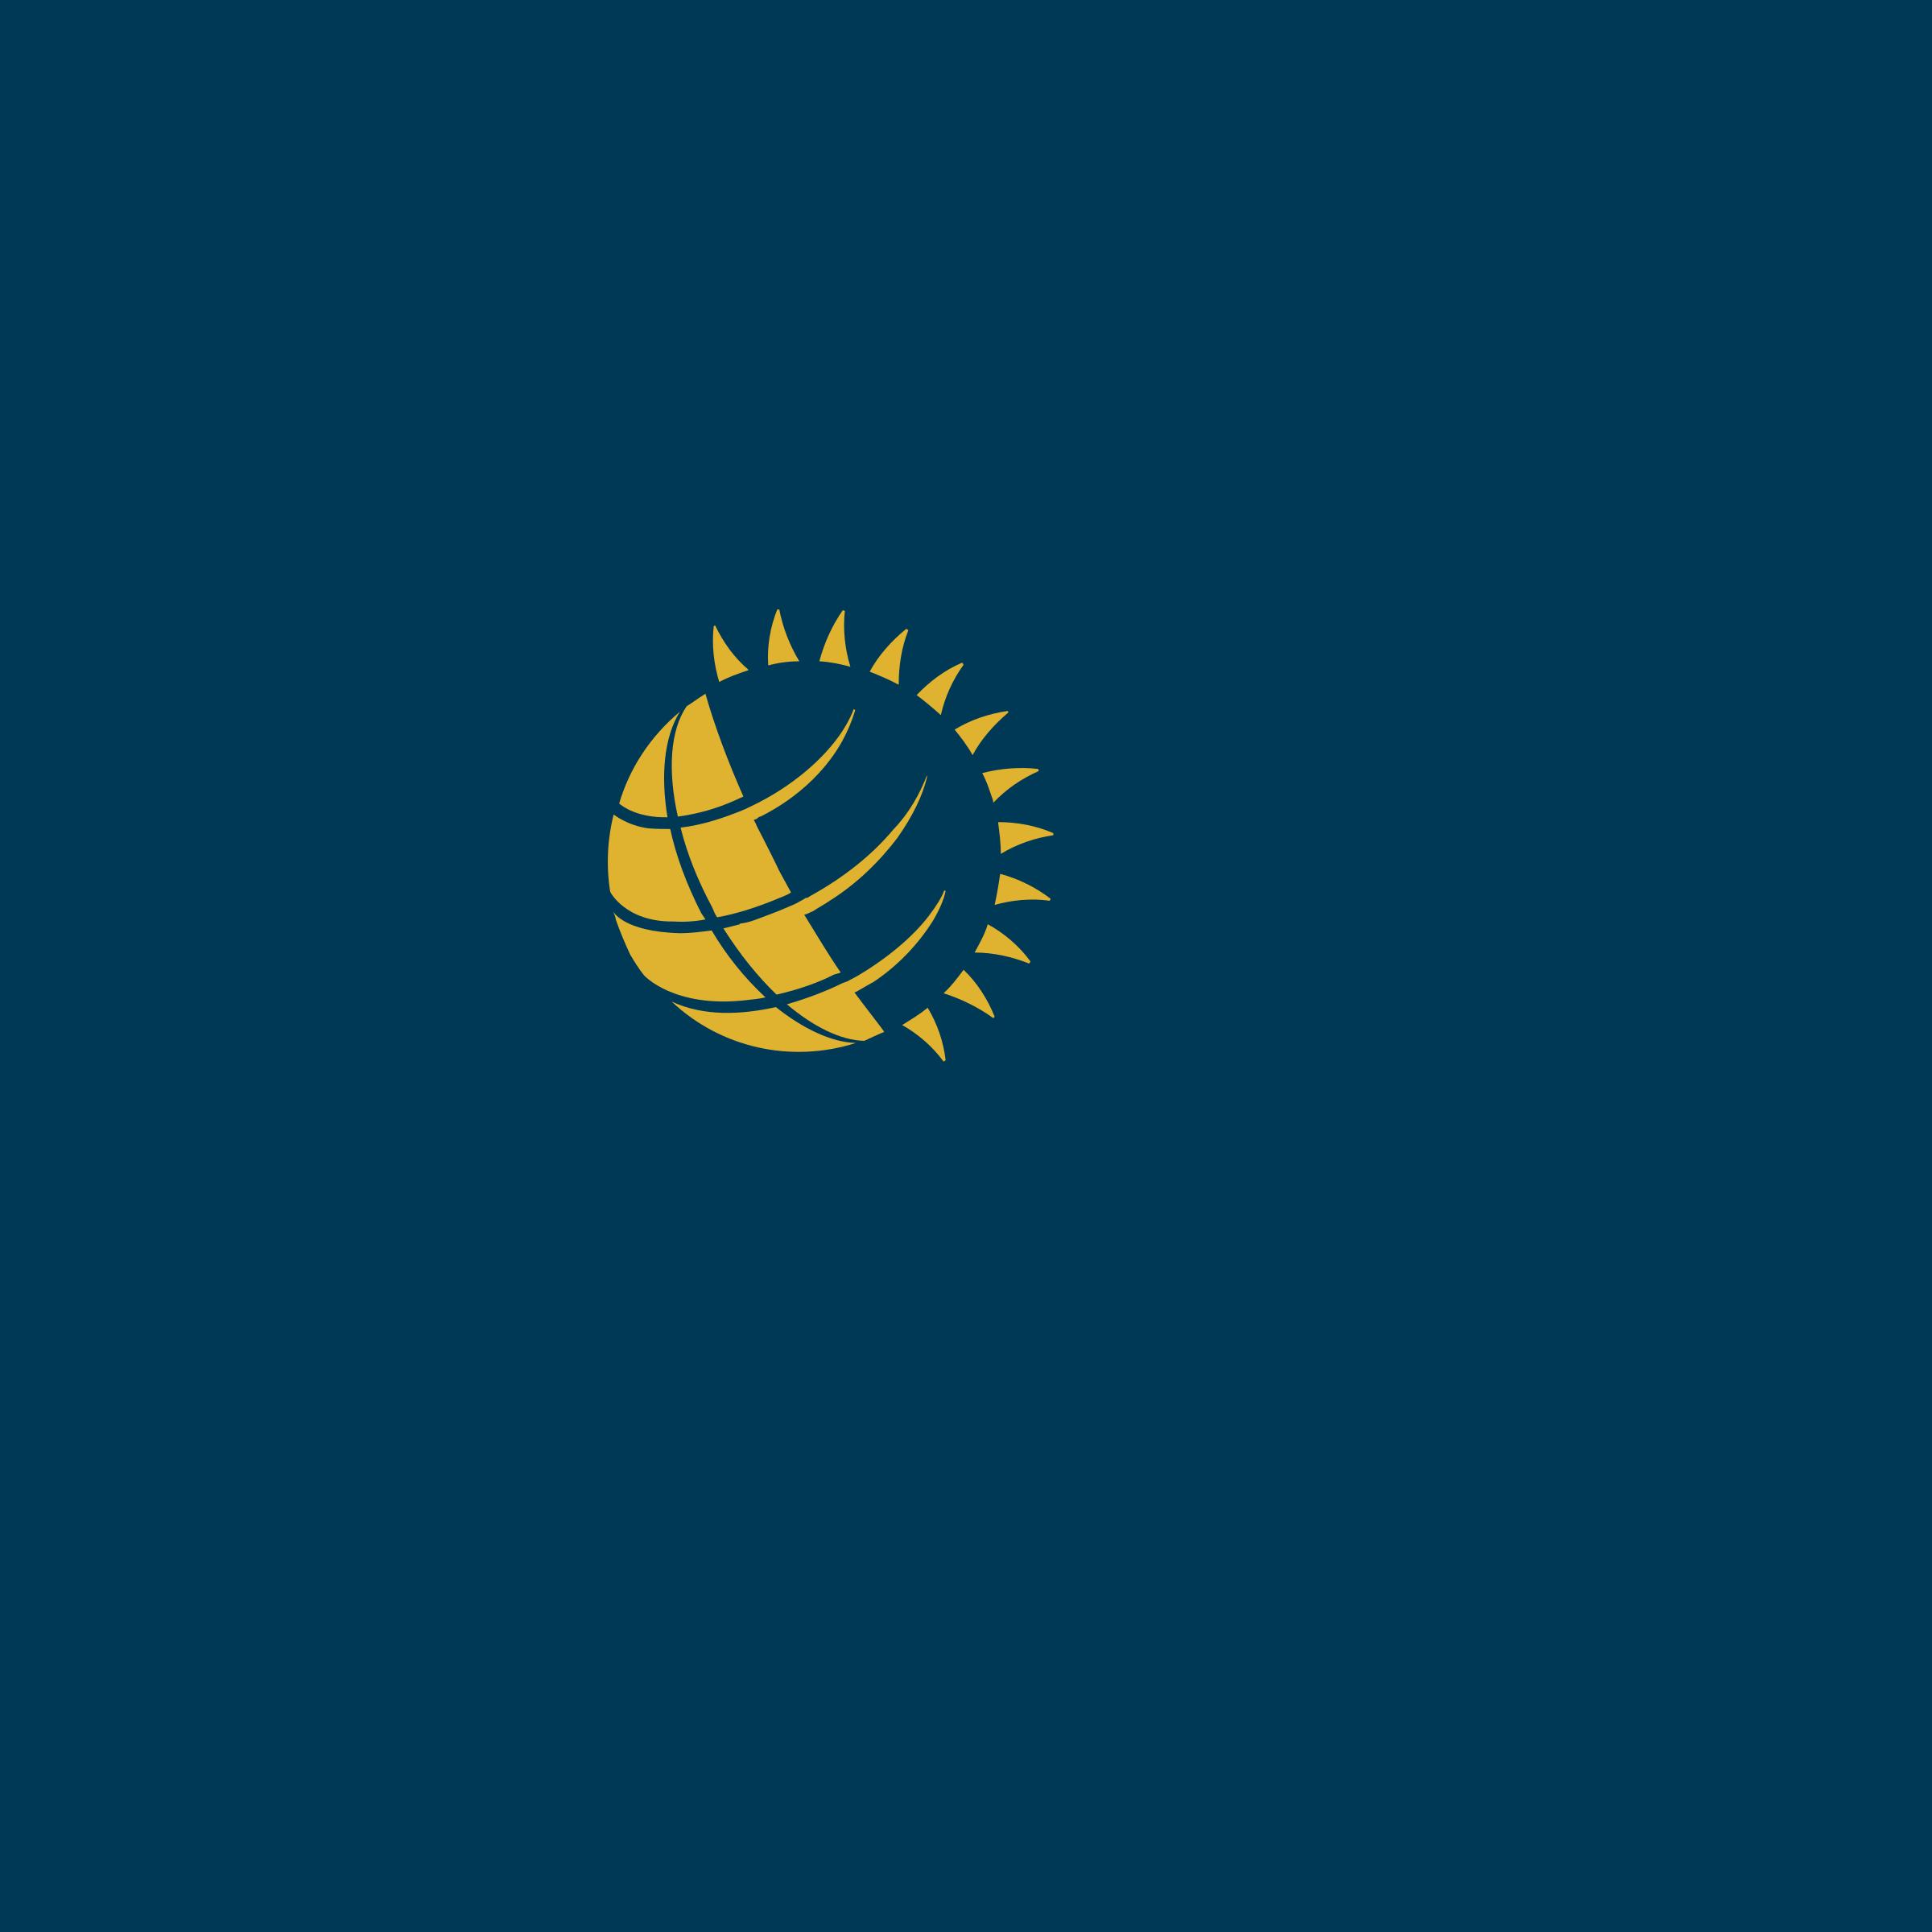 Sun Life Financial Logo PNG Transparent & SVG Vector.